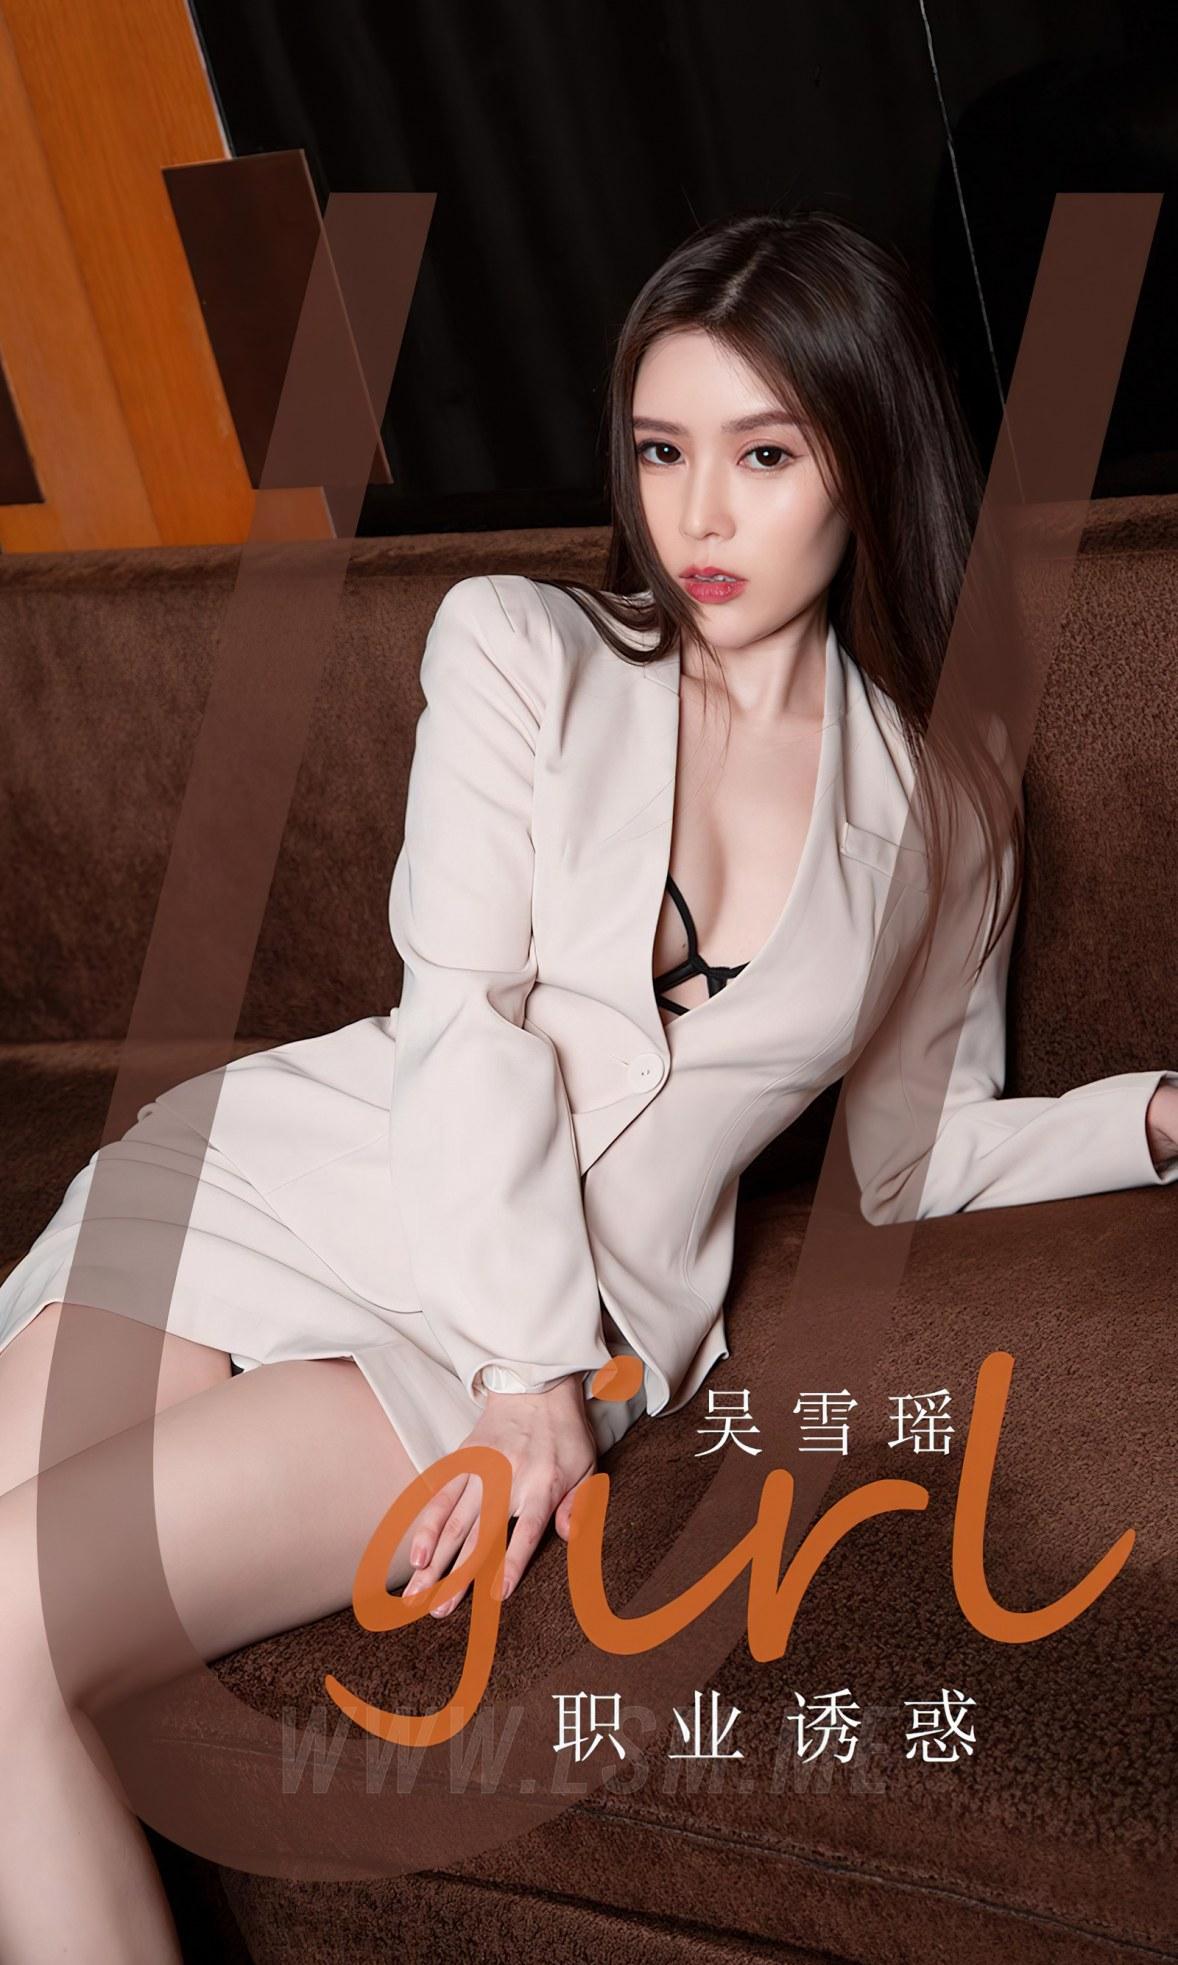 UGirls 爱尤物 No.2055 吴雪瑶 职业诱惑 - 1